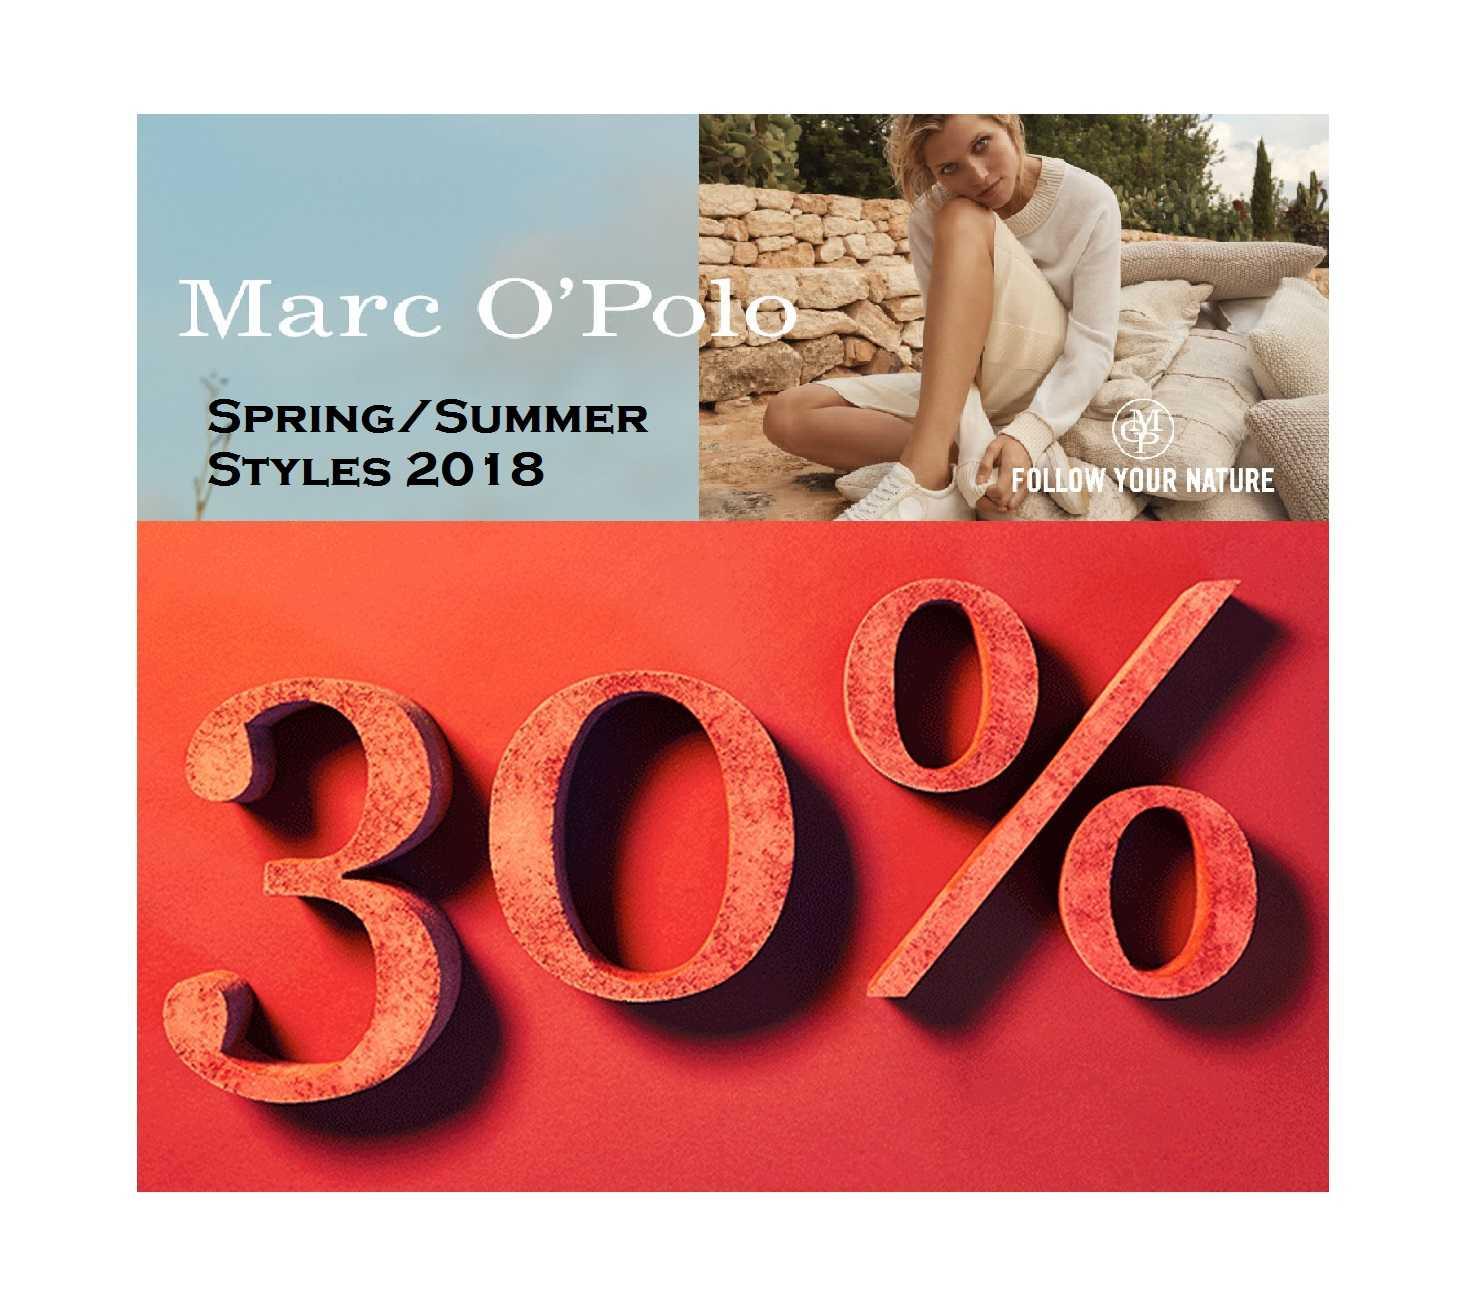 marc opolo springsummer sale bis zu 30 rabatt auf ausgewaehlte artikel